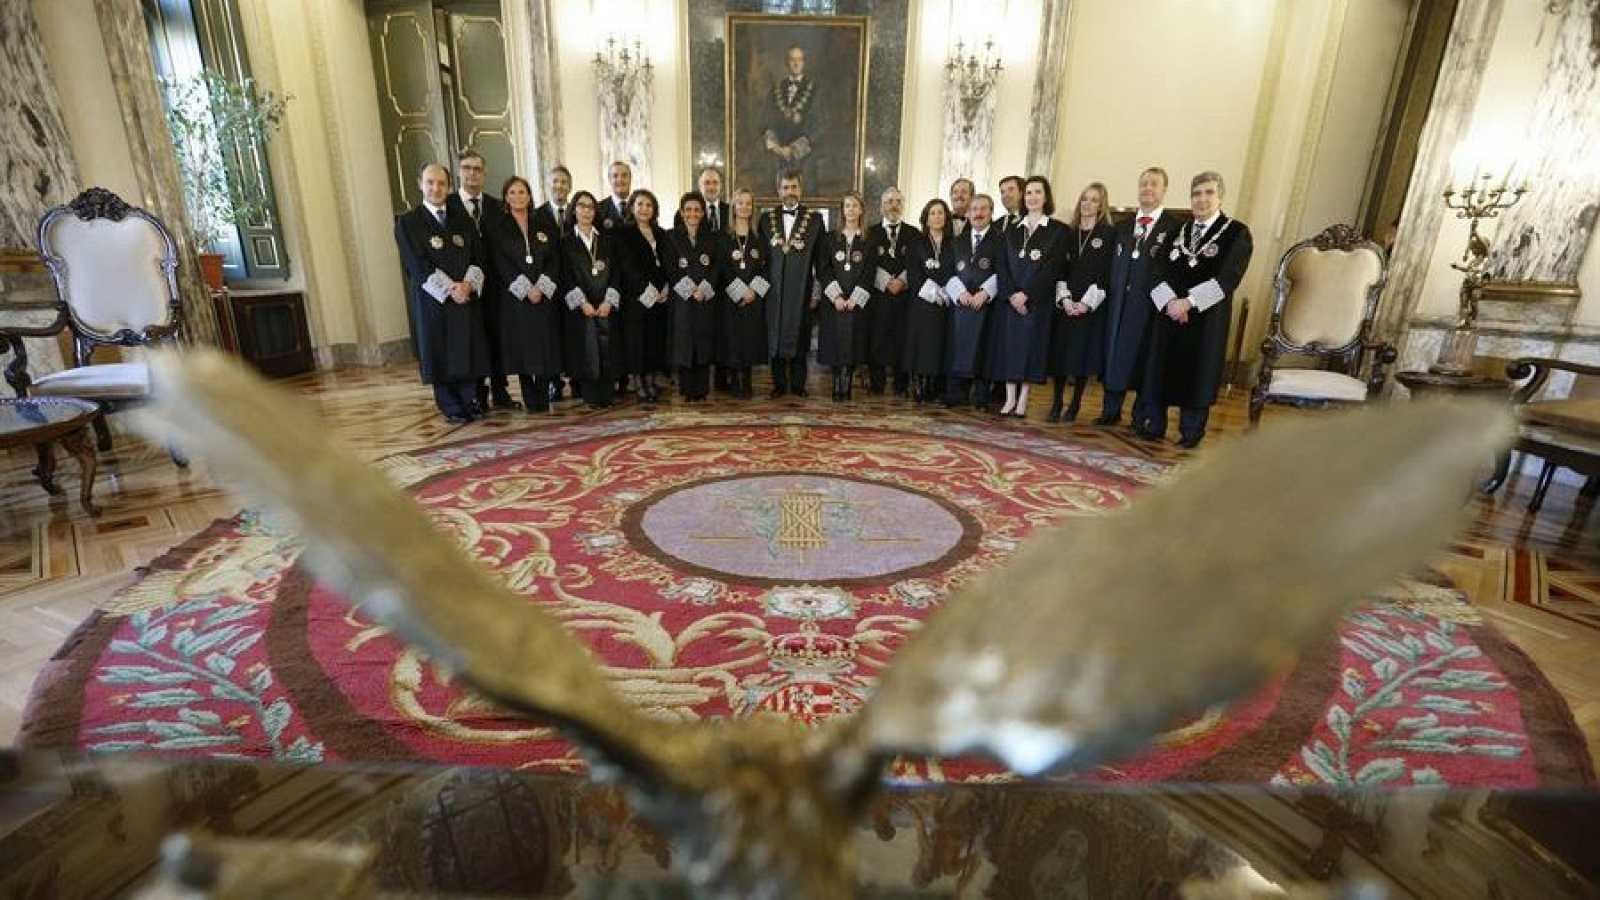 El presidente del Consejo General del Poder Judicial, Carlos Lesmes (c), posa con los miembros del CGPJ